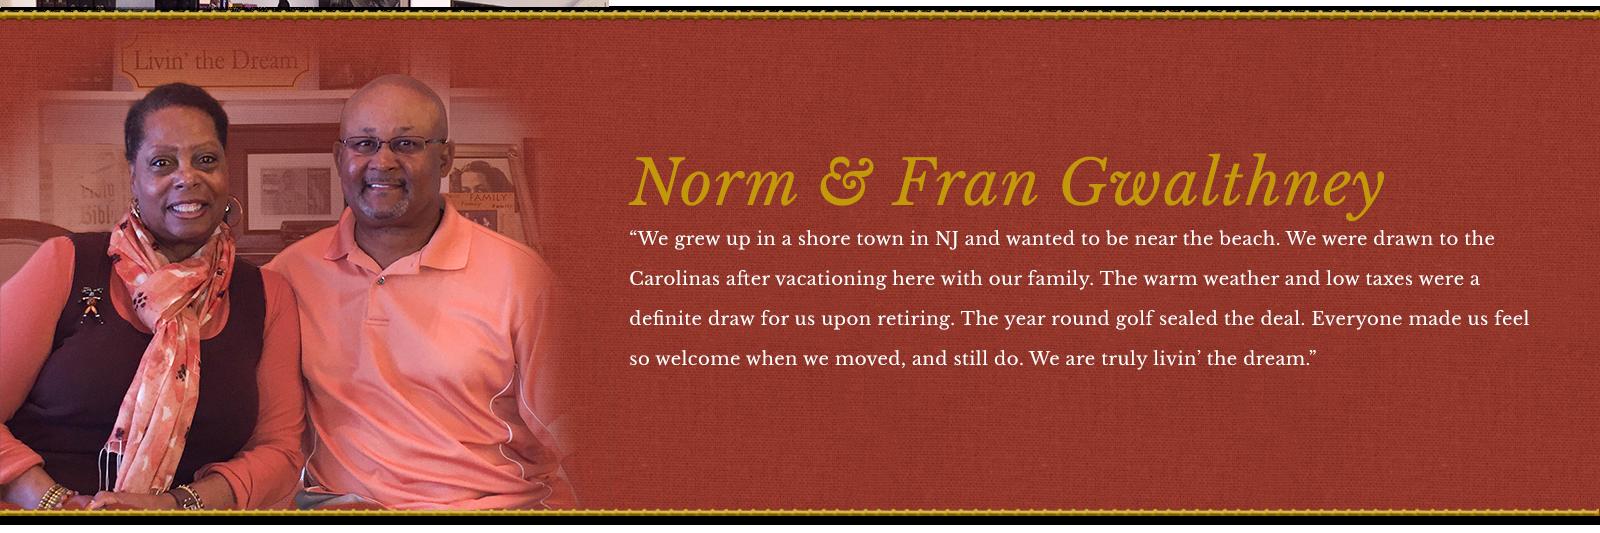 Norm and Fran Gwalthney Testimonial